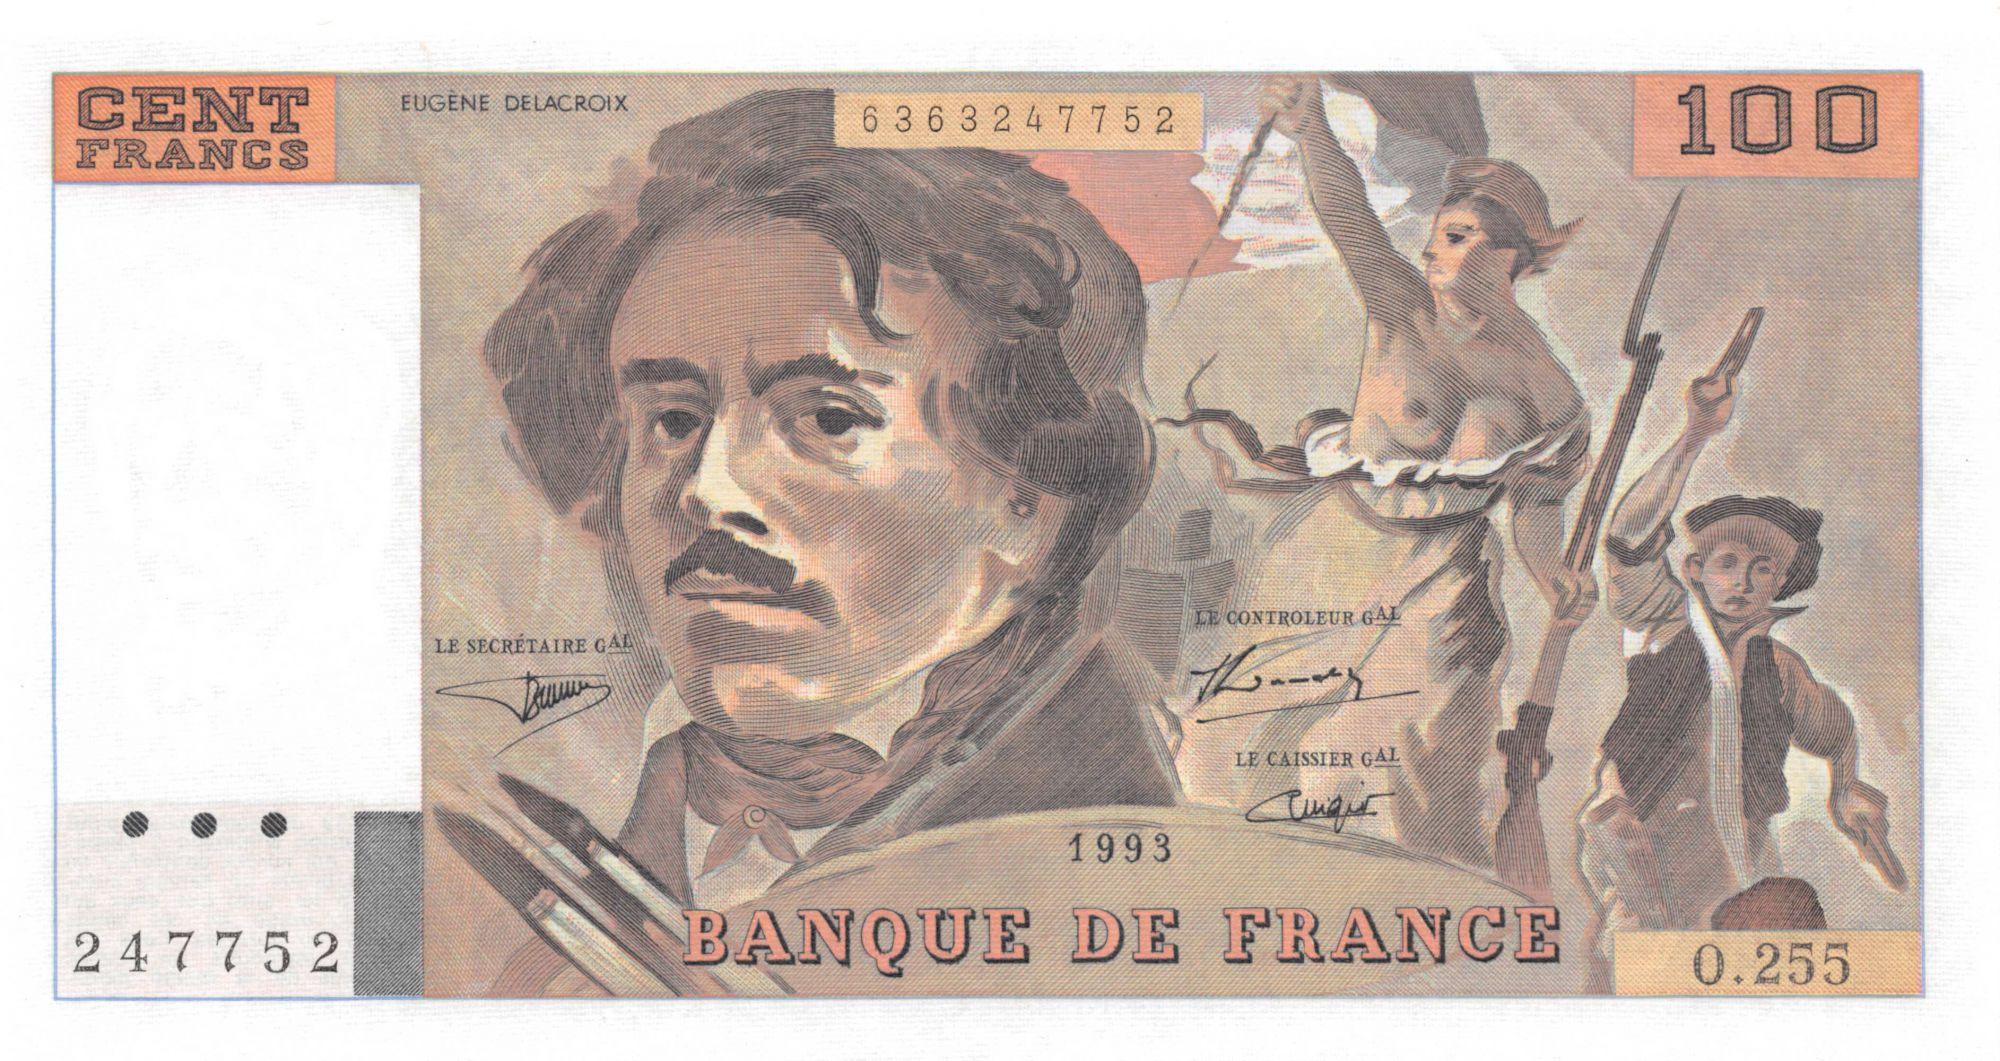 France 100 Francs Delacroix - 1993 Série O.255 - SPL